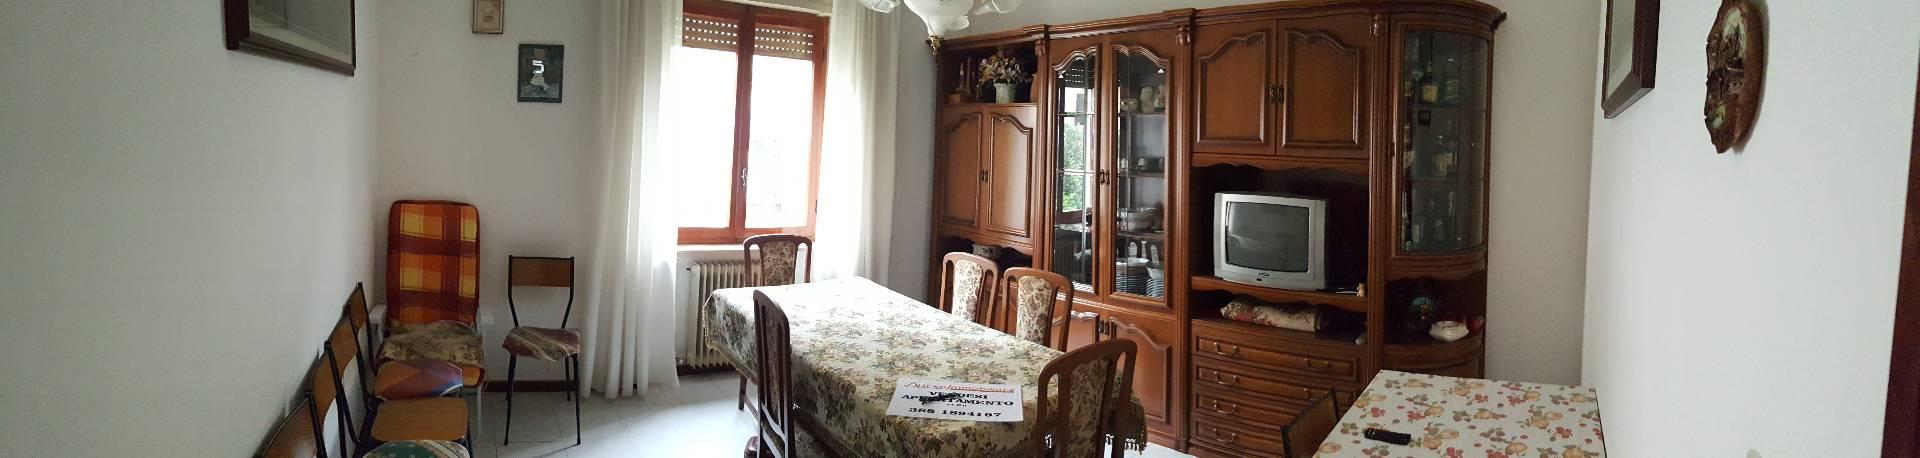 Appartamento in vendita a Roccafluvione, 5 locali, prezzo € 73.000 | CambioCasa.it